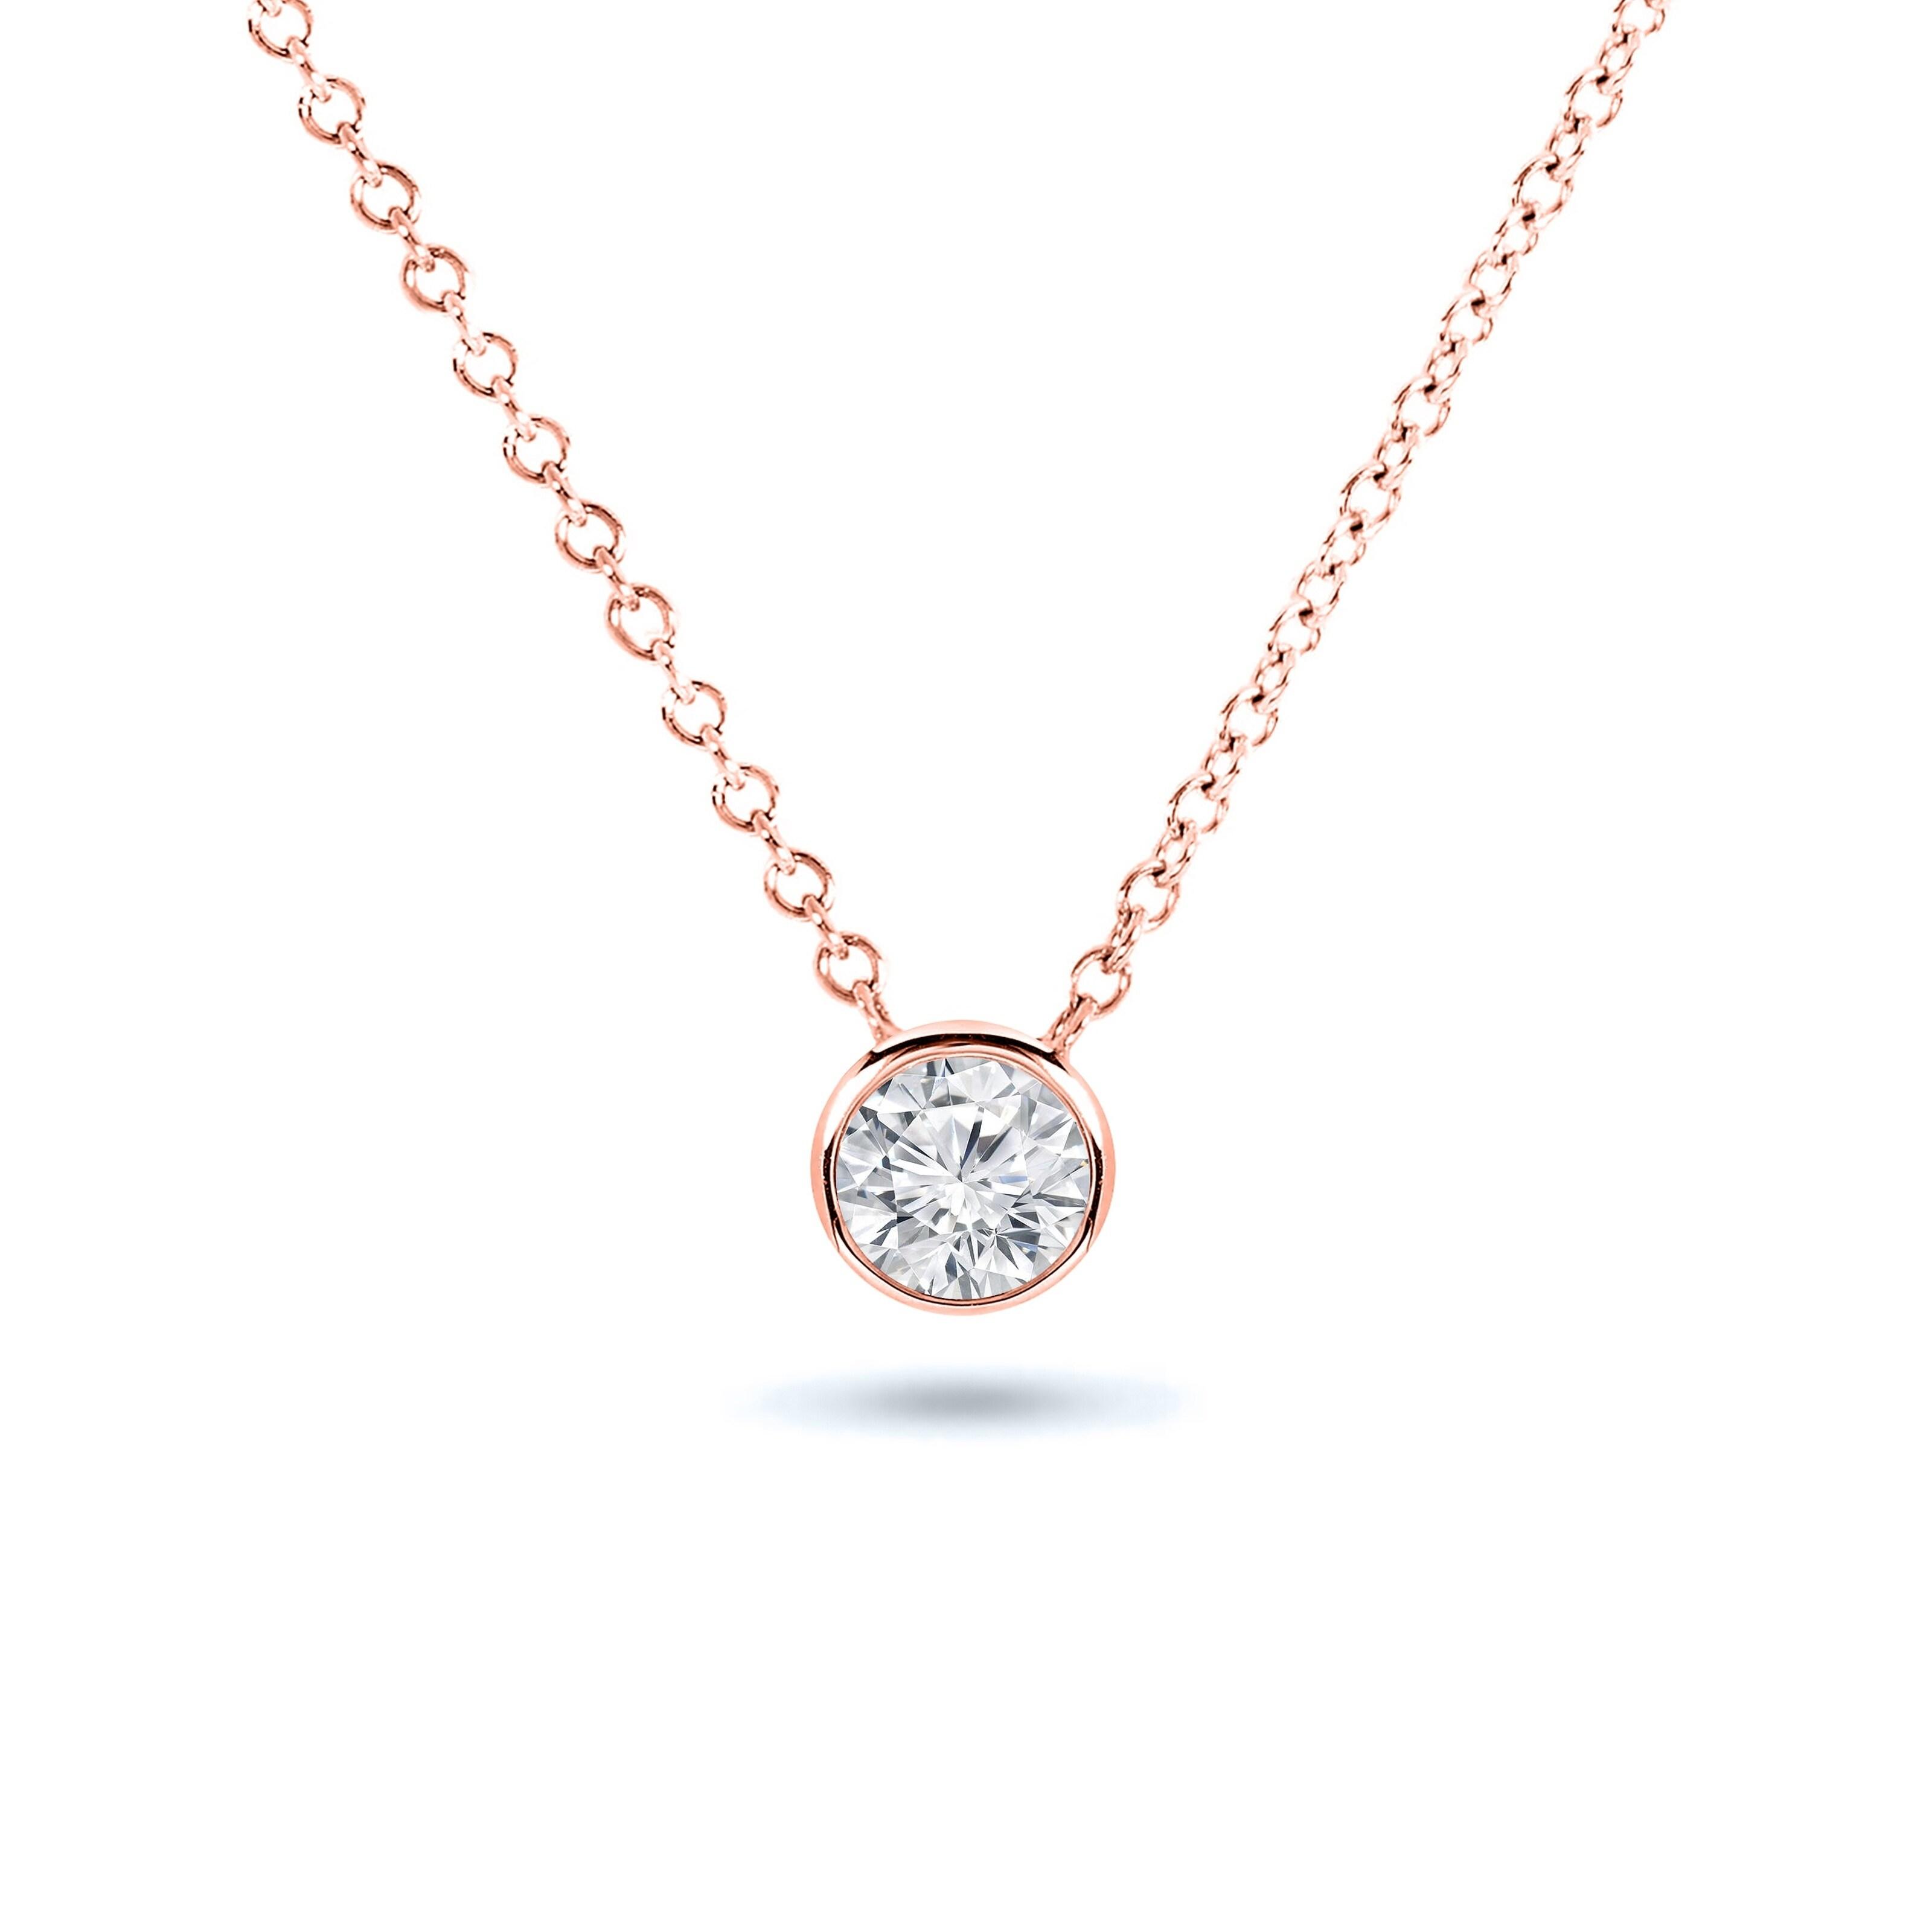 Chain Sparkling 4ct Created Brilliant Diamond Pendant